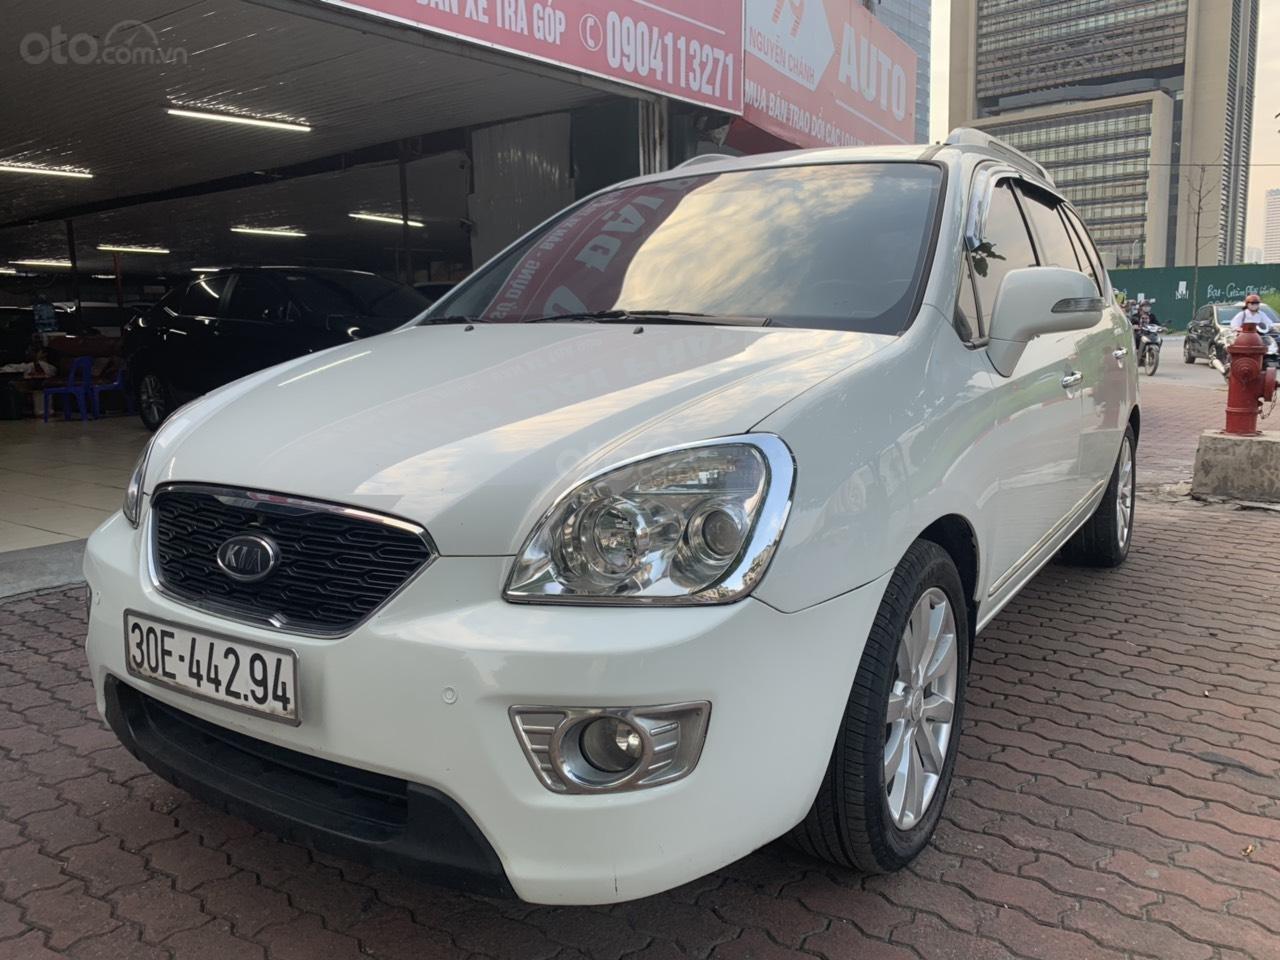 Bán xe Kia Carens 2.0AT năm 2011, màu trắng (1)